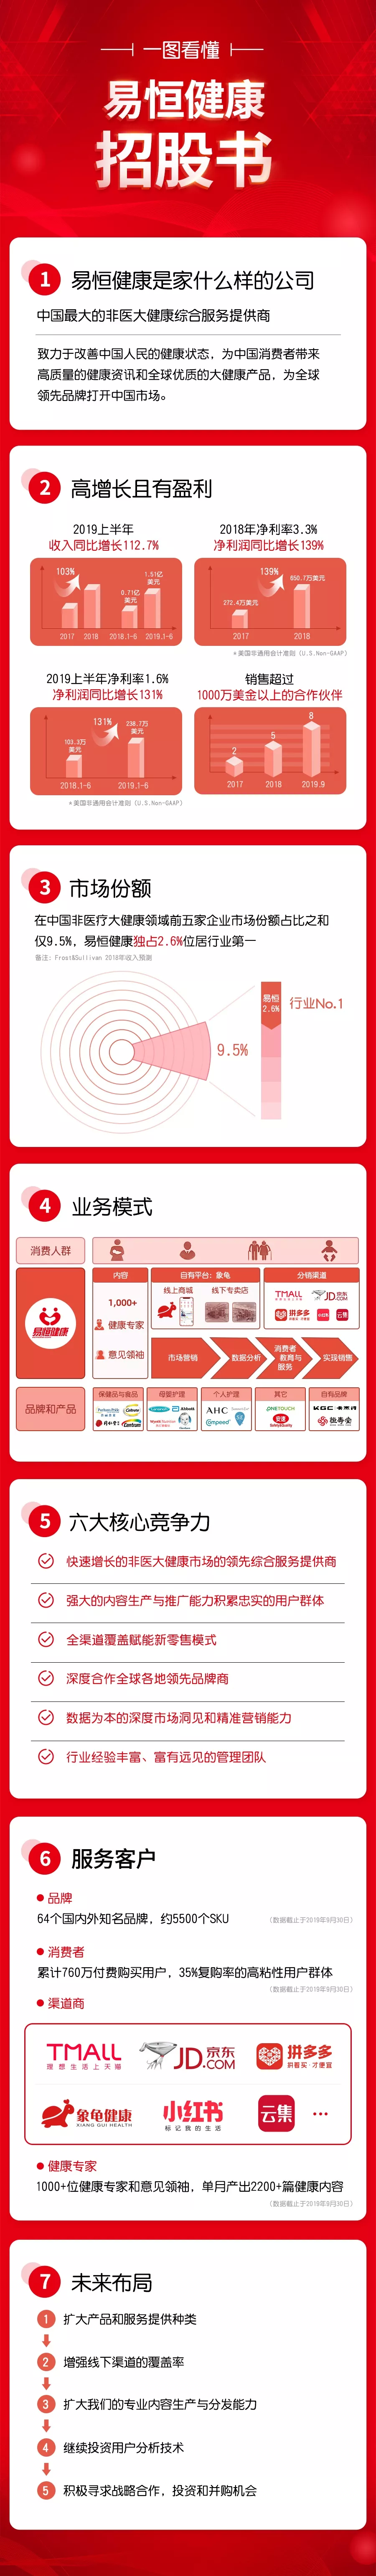 88大宝lg娱乐官网-缪建民:未来10年保费按比例会达到全球20%